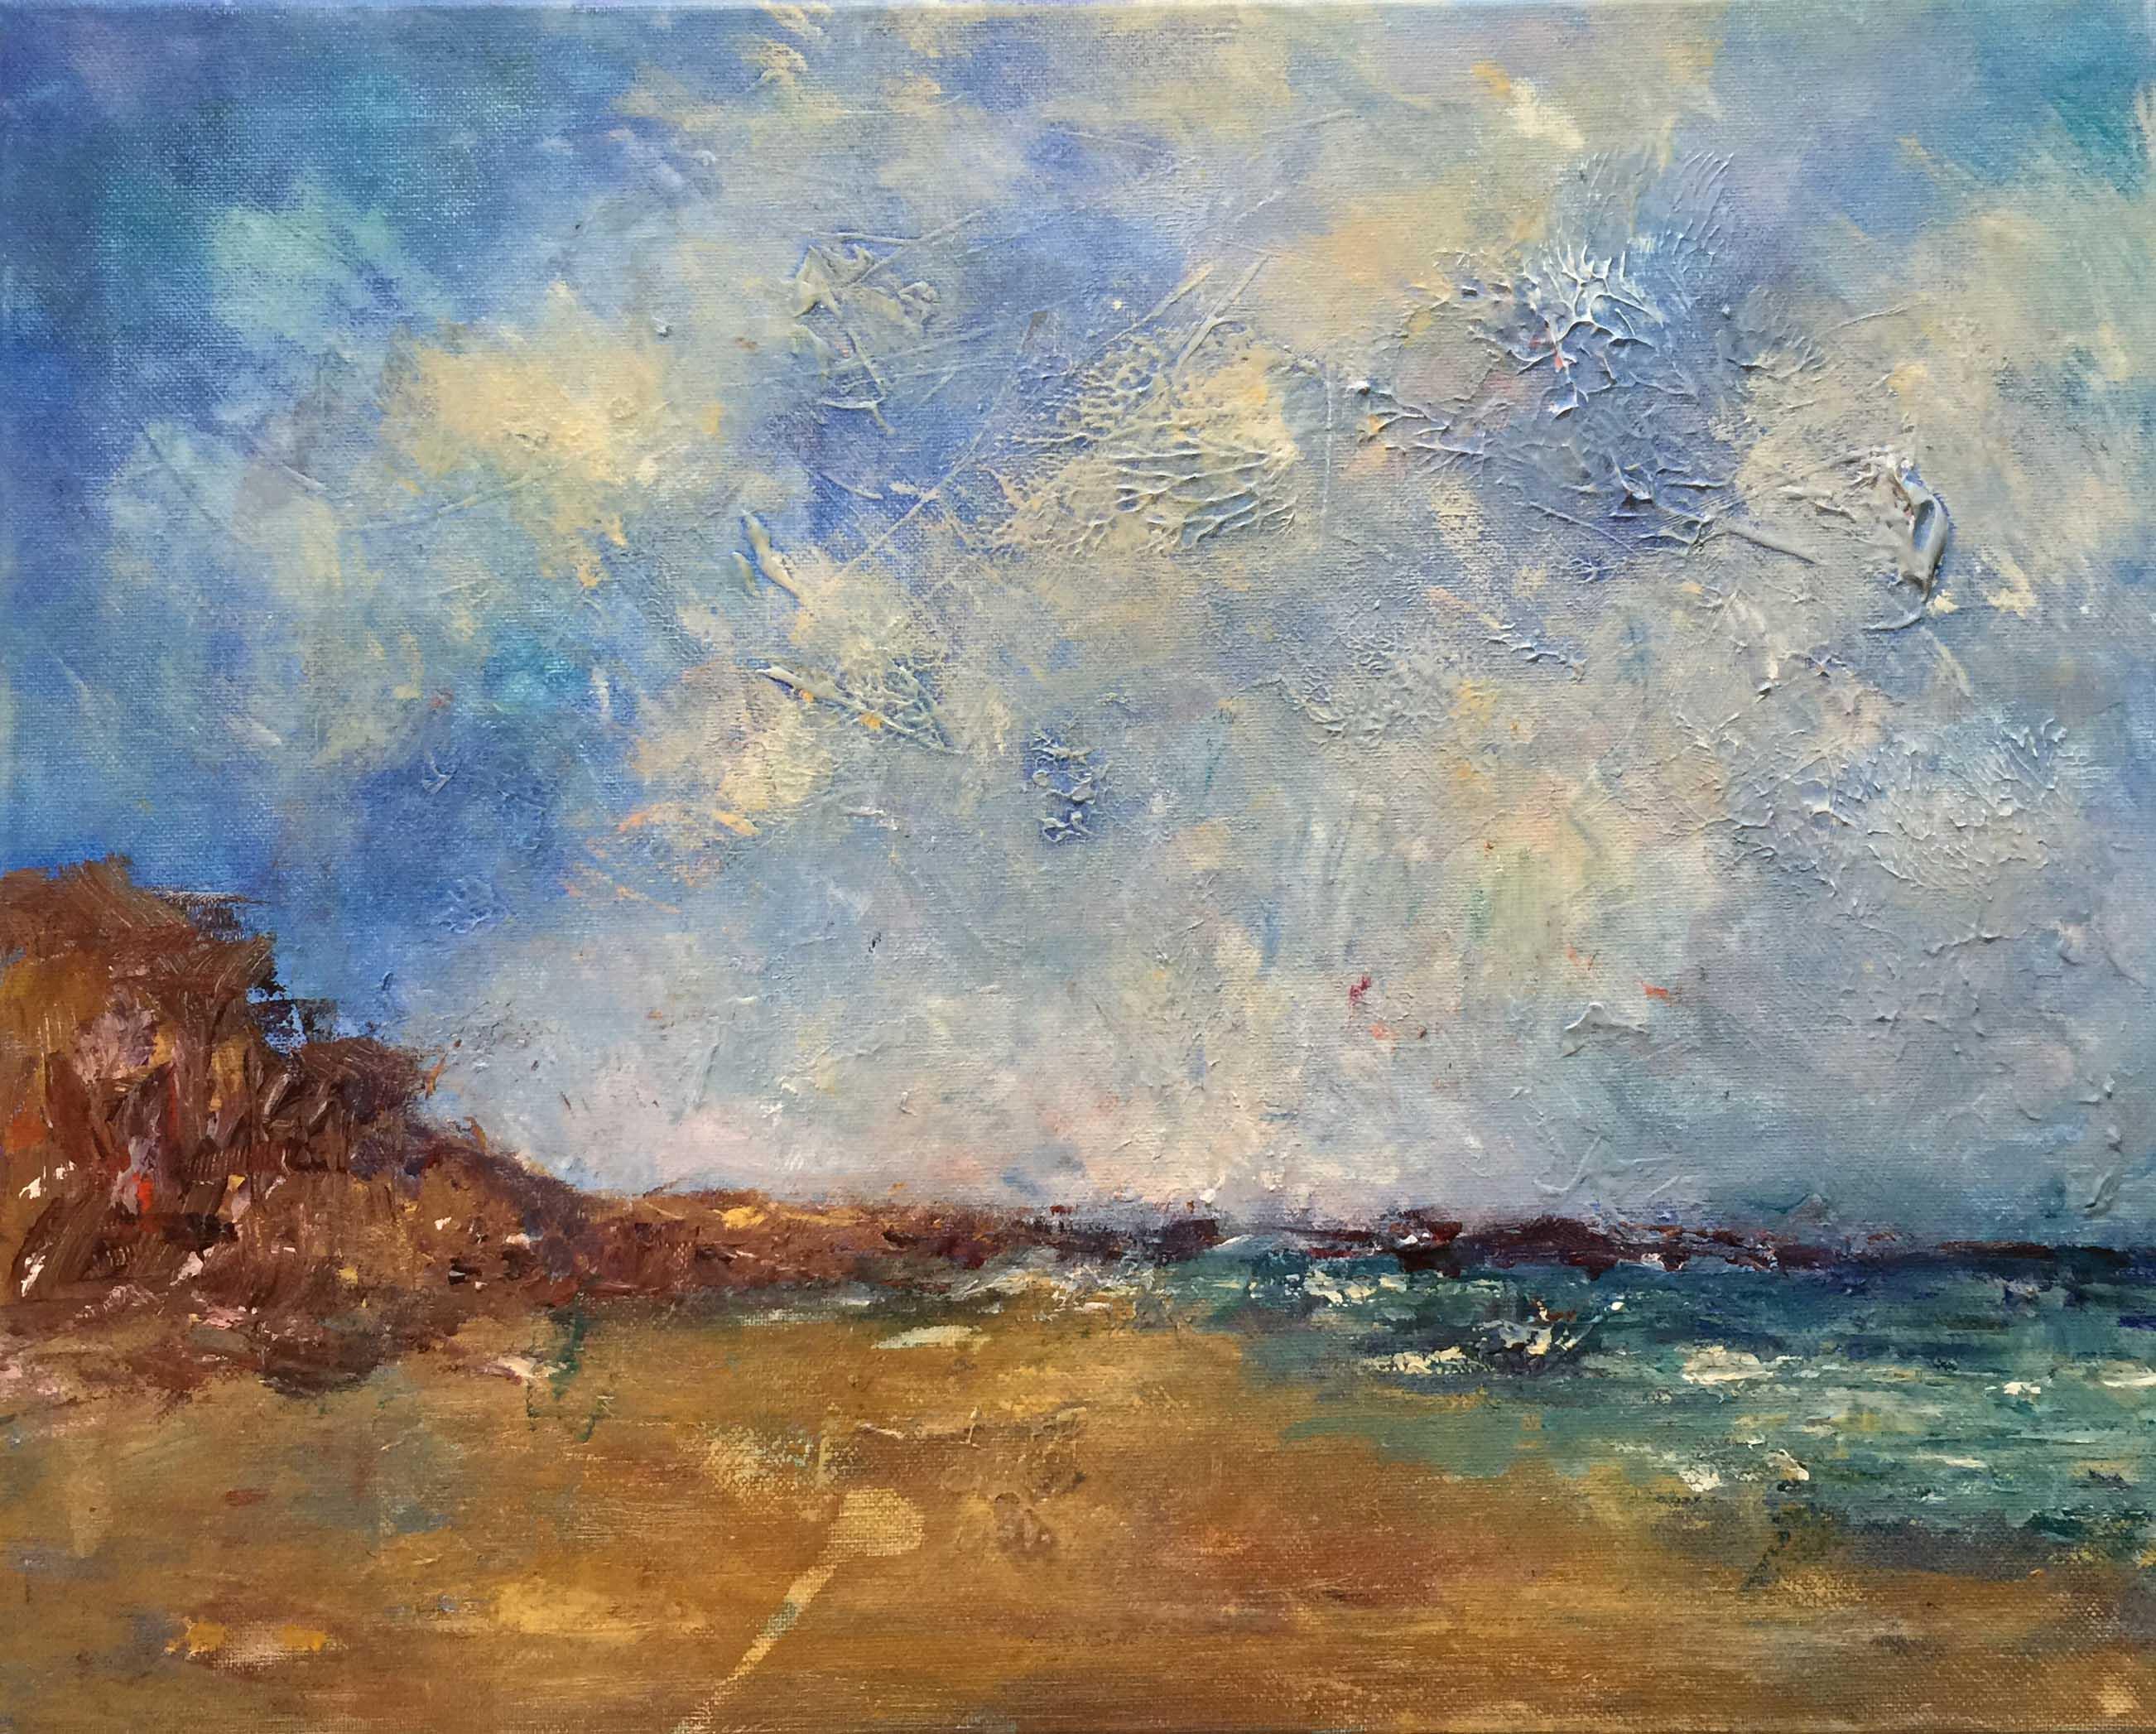 Seascape After Turner